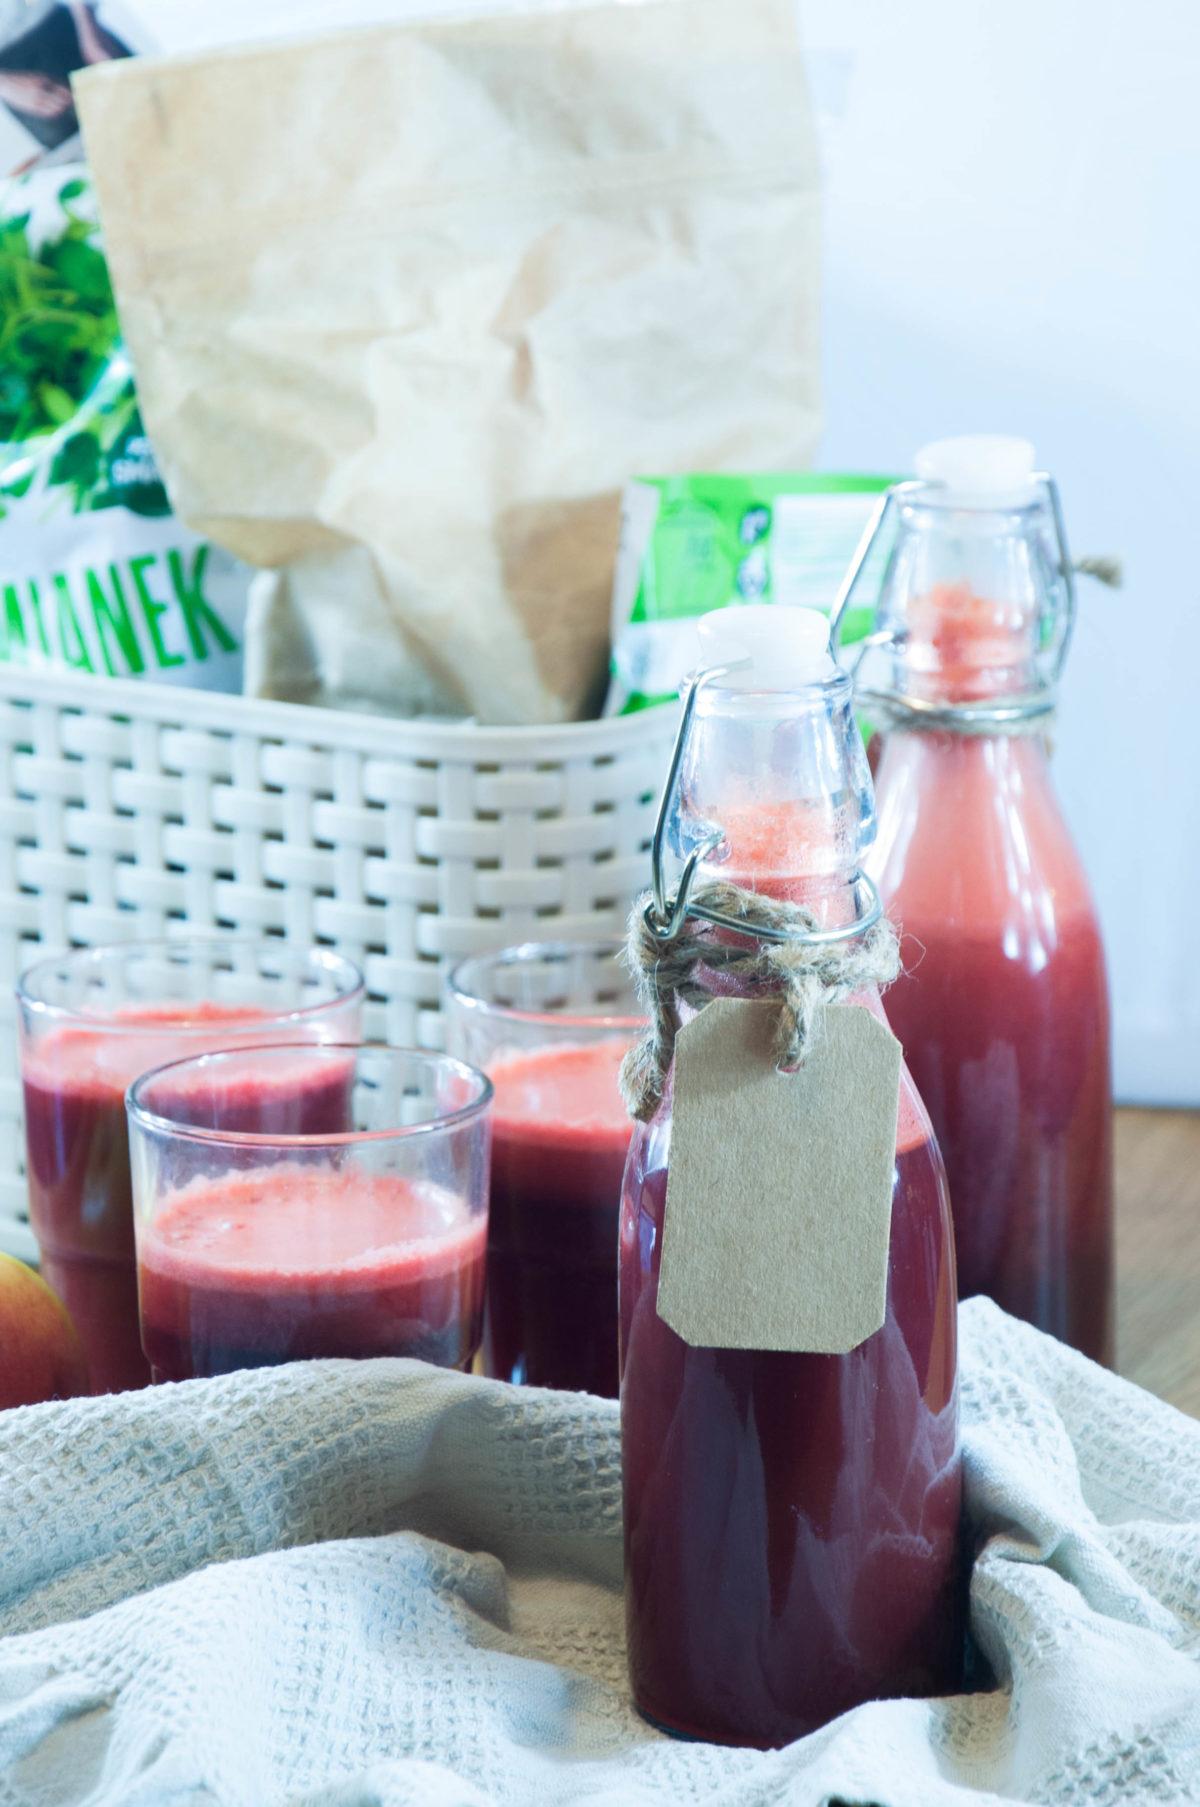 Bardzo odżywczy sok z surowych warzyw